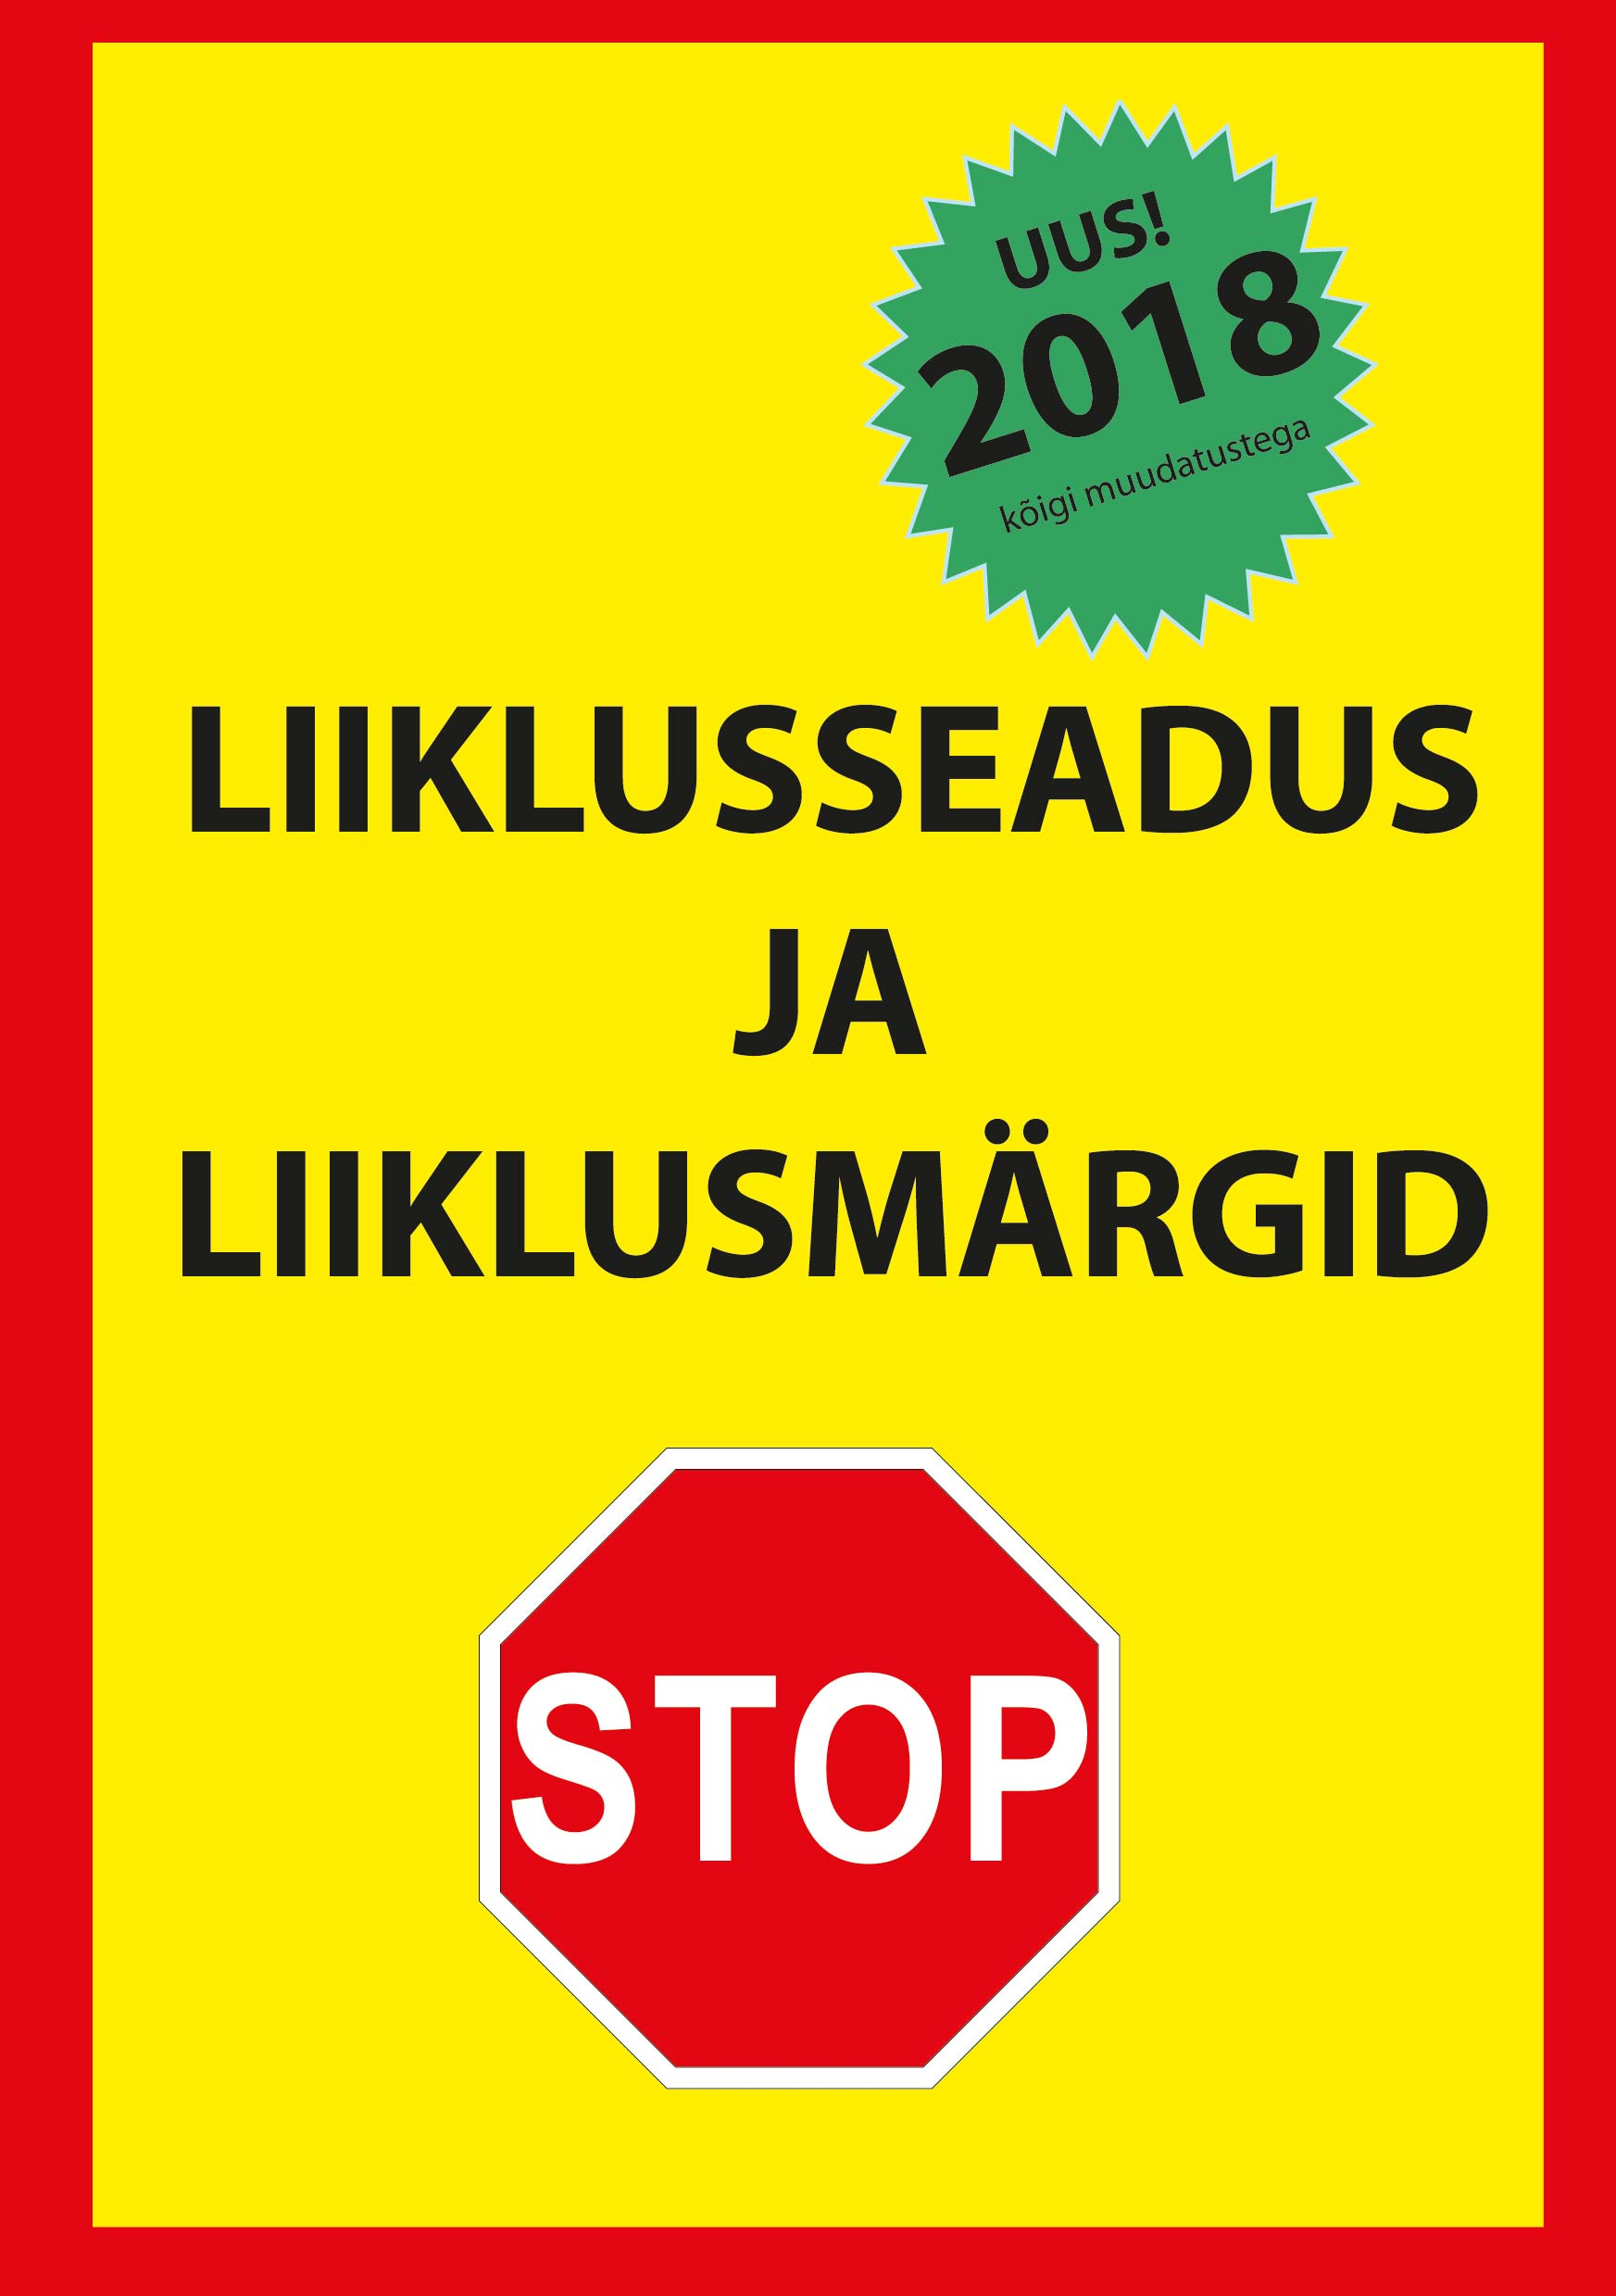 Liiklusseadus ja liiklusmärgid 2018